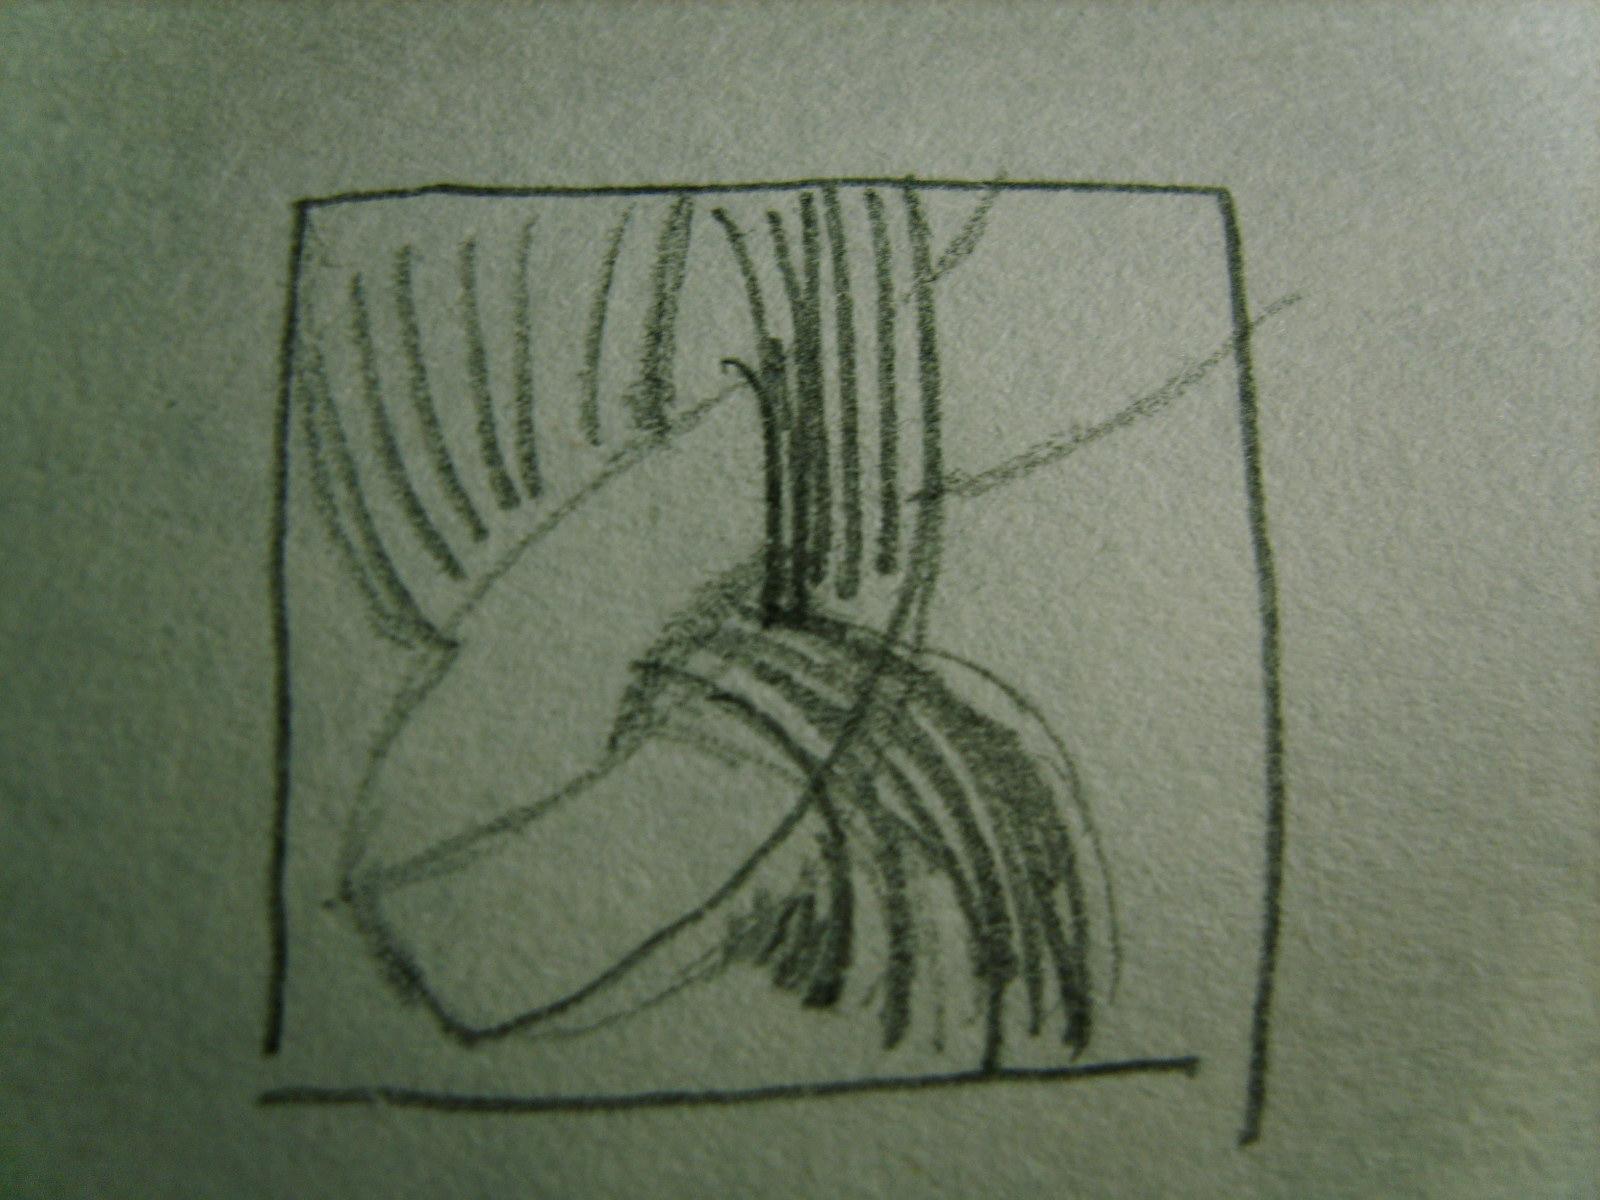 黑底白线, 白线打算粗细渐次变化,方向也不完全相同,这能算是渐变